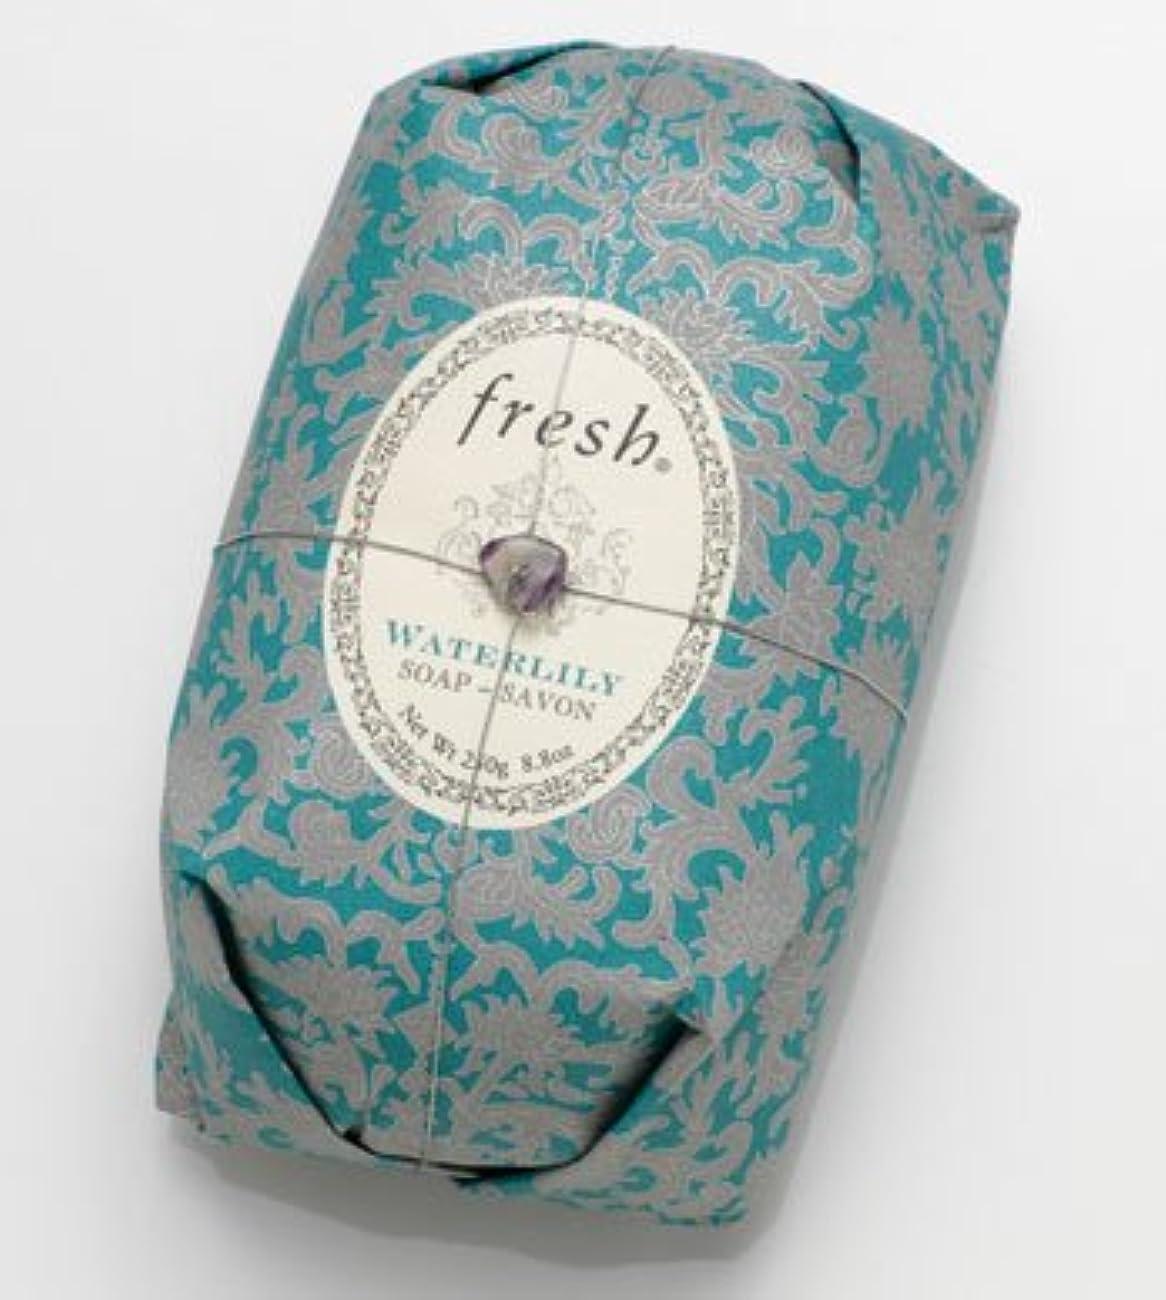 下向き中間ネストFresh WATERLILY SOAP (フレッシュ ウオーターリリー ソープ) 8.8 oz (250g) Soap (石鹸) by Fresh